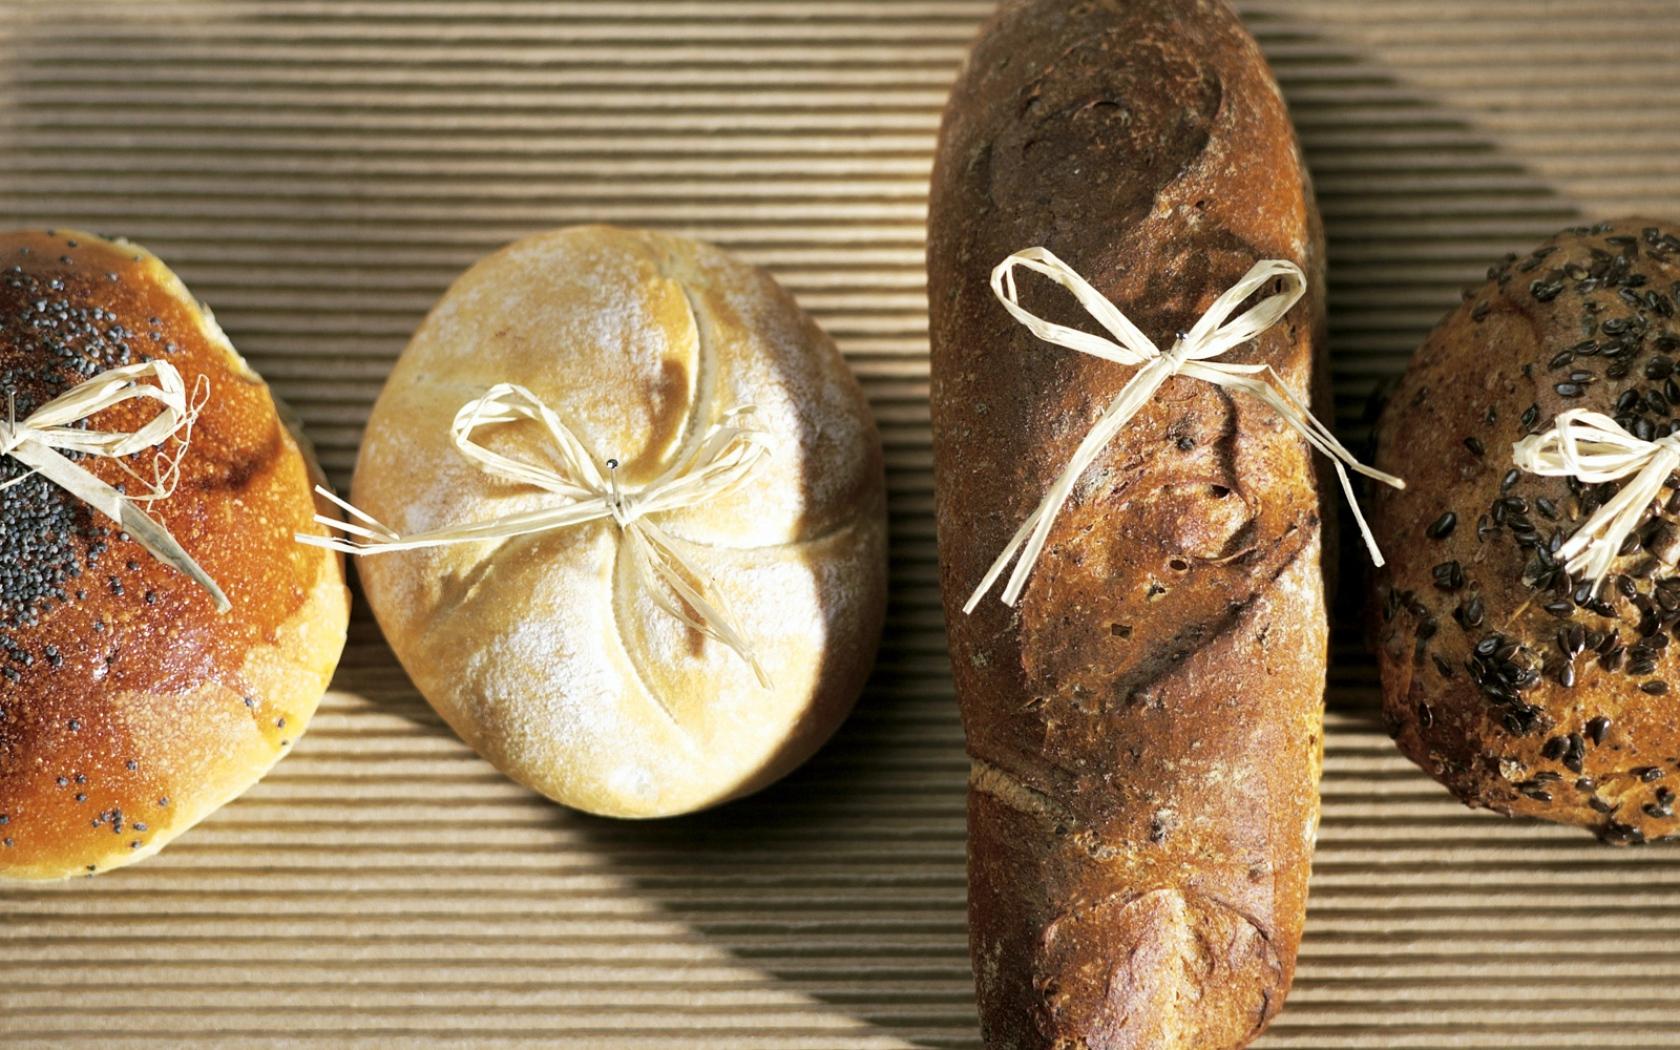 lovely-bread-wallpaper-37320-38178-hd-wallpapers